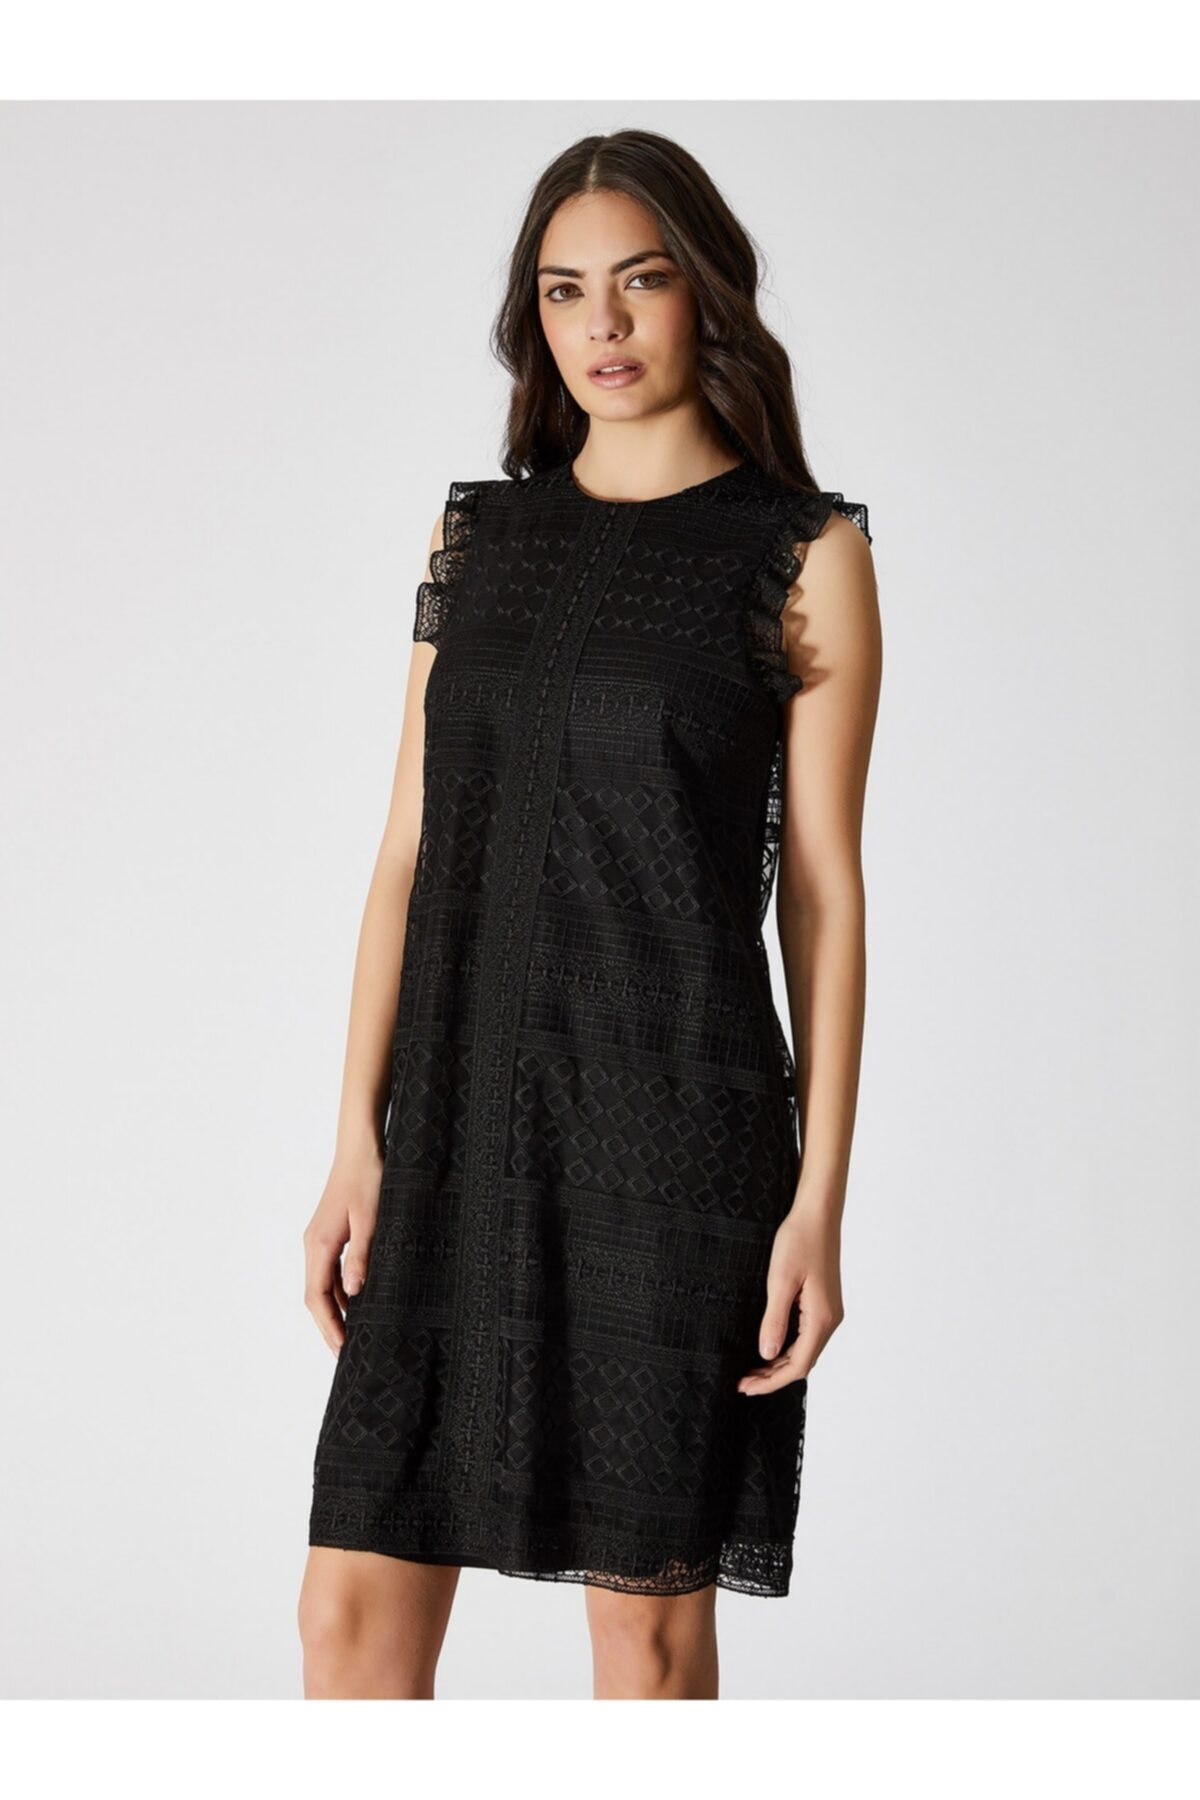 Vekem Kadın Siyah Kolsuz Dantel Elbise 9109-0083 1